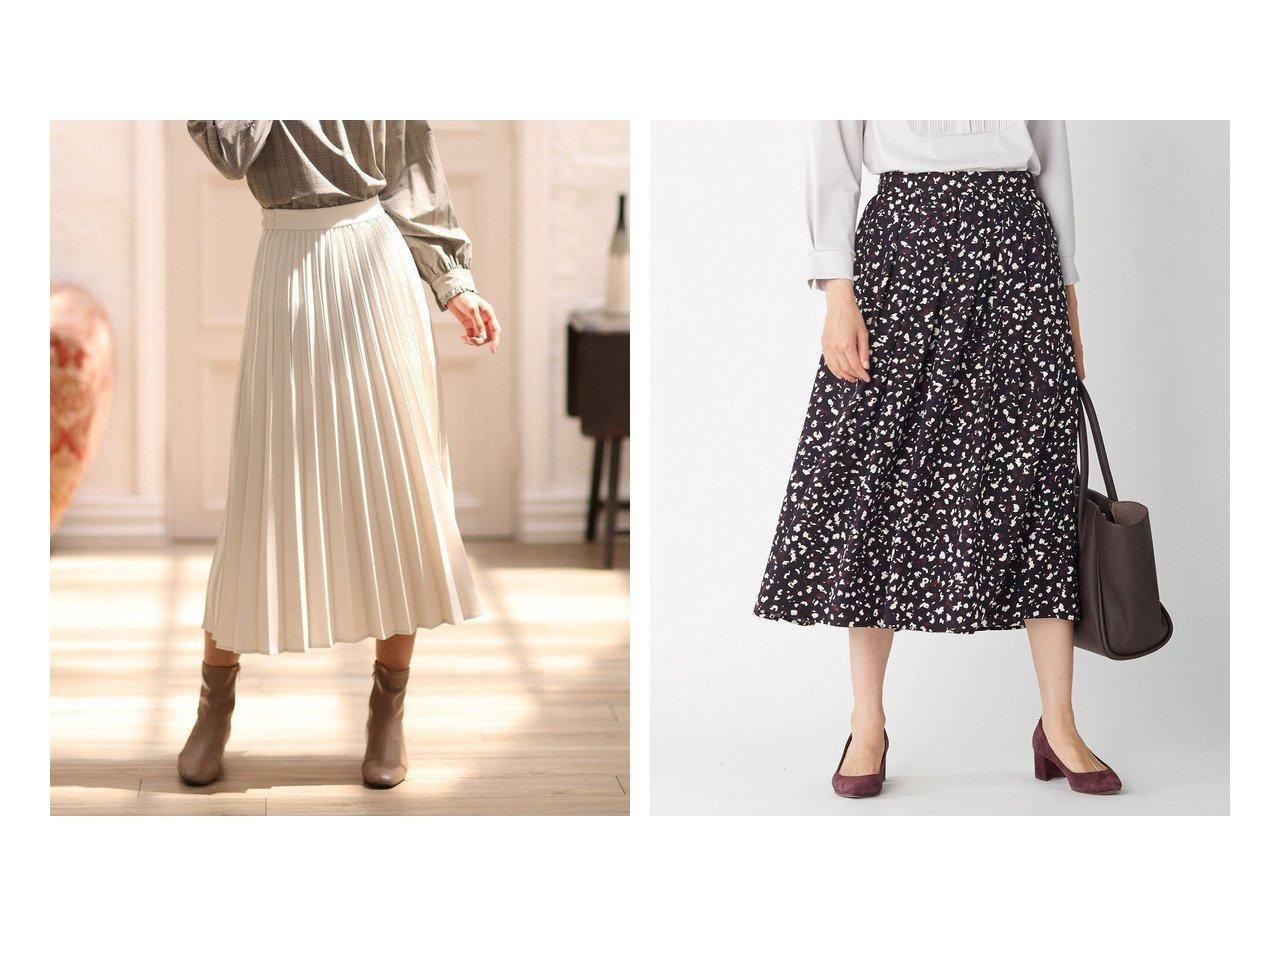 【any FAM/エニィファム】のウーリッシュフラノスカート&【J.PRESS/ジェイ プレス】の【洗える】バックサテングラフィックパターン スカート 【スカート】おすすめ!人気、トレンド・レディースファッションの通販 おすすめで人気の流行・トレンド、ファッションの通販商品 インテリア・家具・メンズファッション・キッズファッション・レディースファッション・服の通販 founy(ファニー) https://founy.com/ ファッション Fashion レディースファッション WOMEN スカート Skirt バッグ Bag ショート ジャケット スウェット フェミニン フレア プリーツ ロング 冬 Winter A/W・秋冬 AW・Autumn/Winter・FW・Fall-Winter 2021年 2021 2021-2022秋冬・A/W AW・Autumn/Winter・FW・Fall-Winter・2021-2022 送料無料 Free Shipping ギャザー ストレッチ 洗える 秋 Autumn/Fall  ID:crp329100000065346